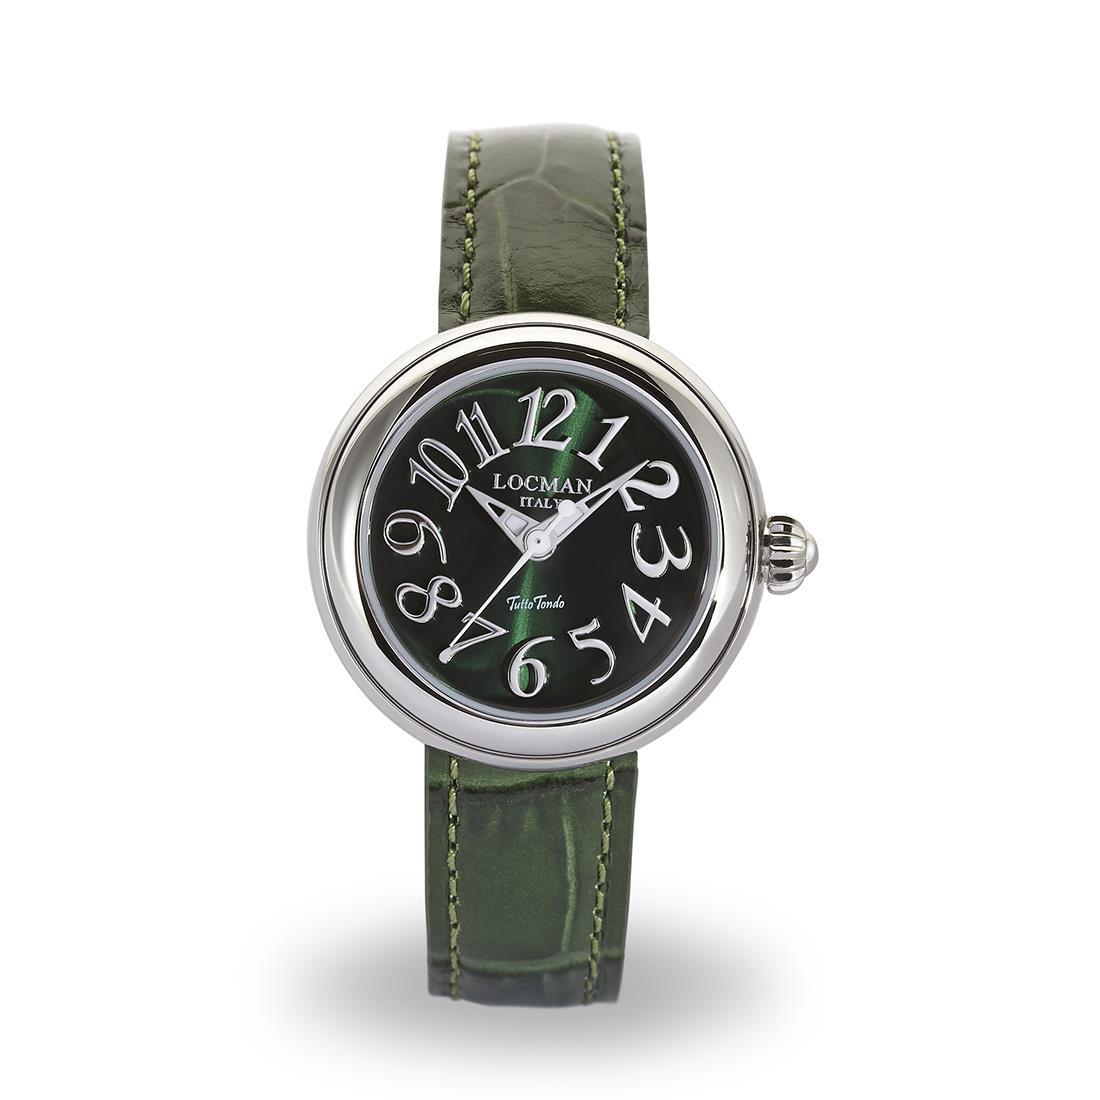 Orologio cassa 31mm in acciaio inox - LOCMAN